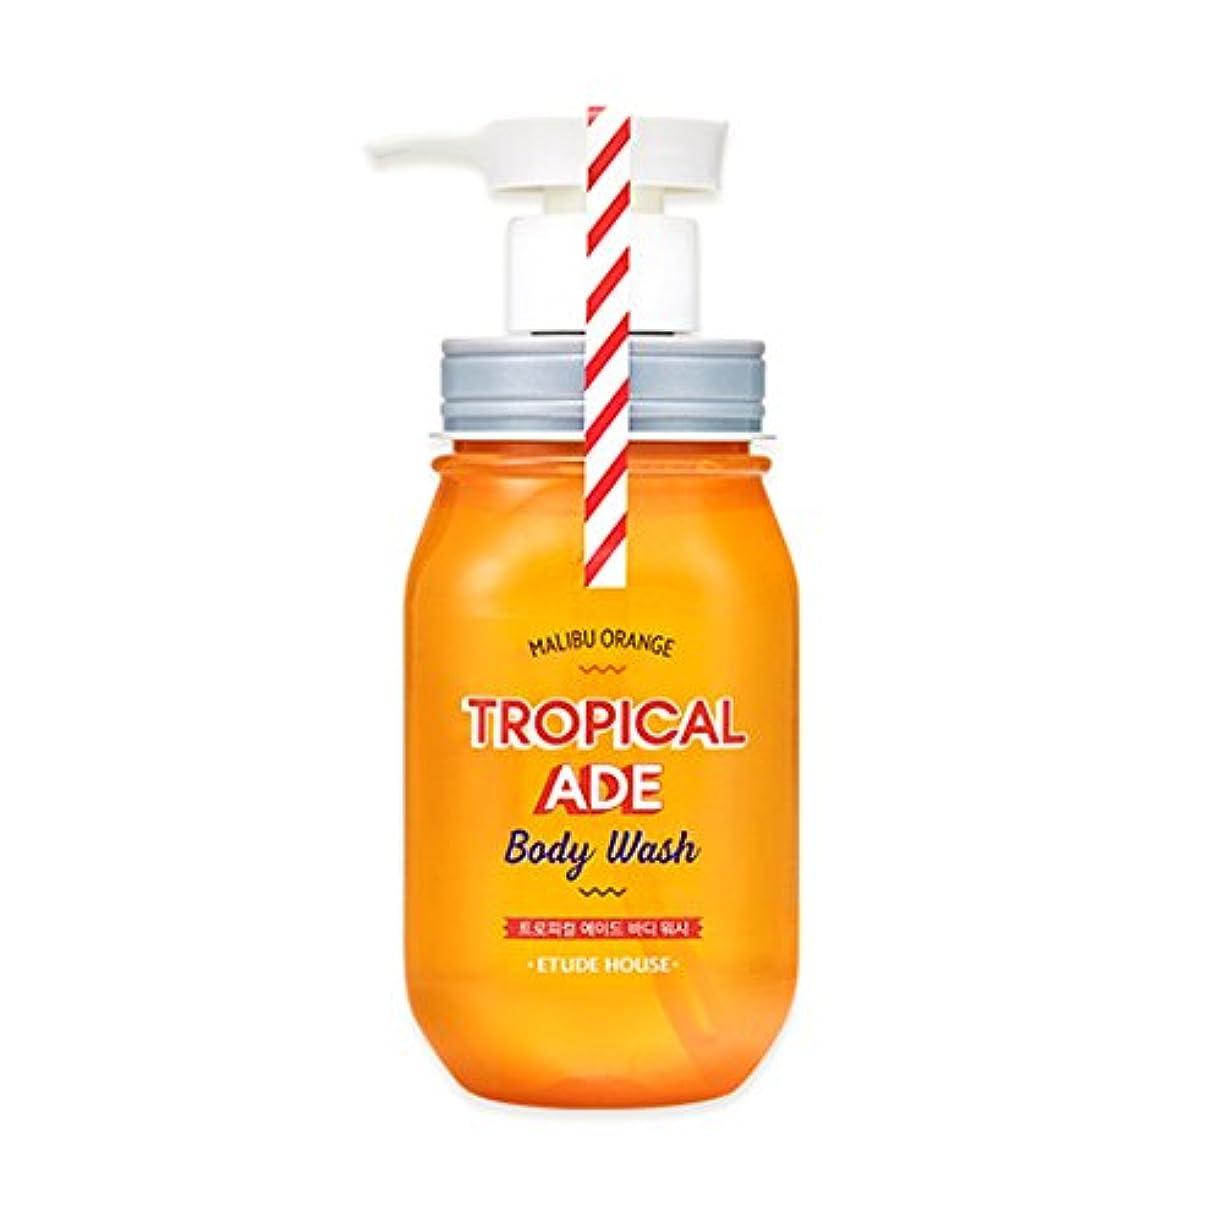 運動する毛皮蜂ETUDE HOUSE TROPICAL ADE Body Wash # Malibu Orange /エチュードハウス トロピカルエイドボディウォッシュ 300ml [並行輸入品]